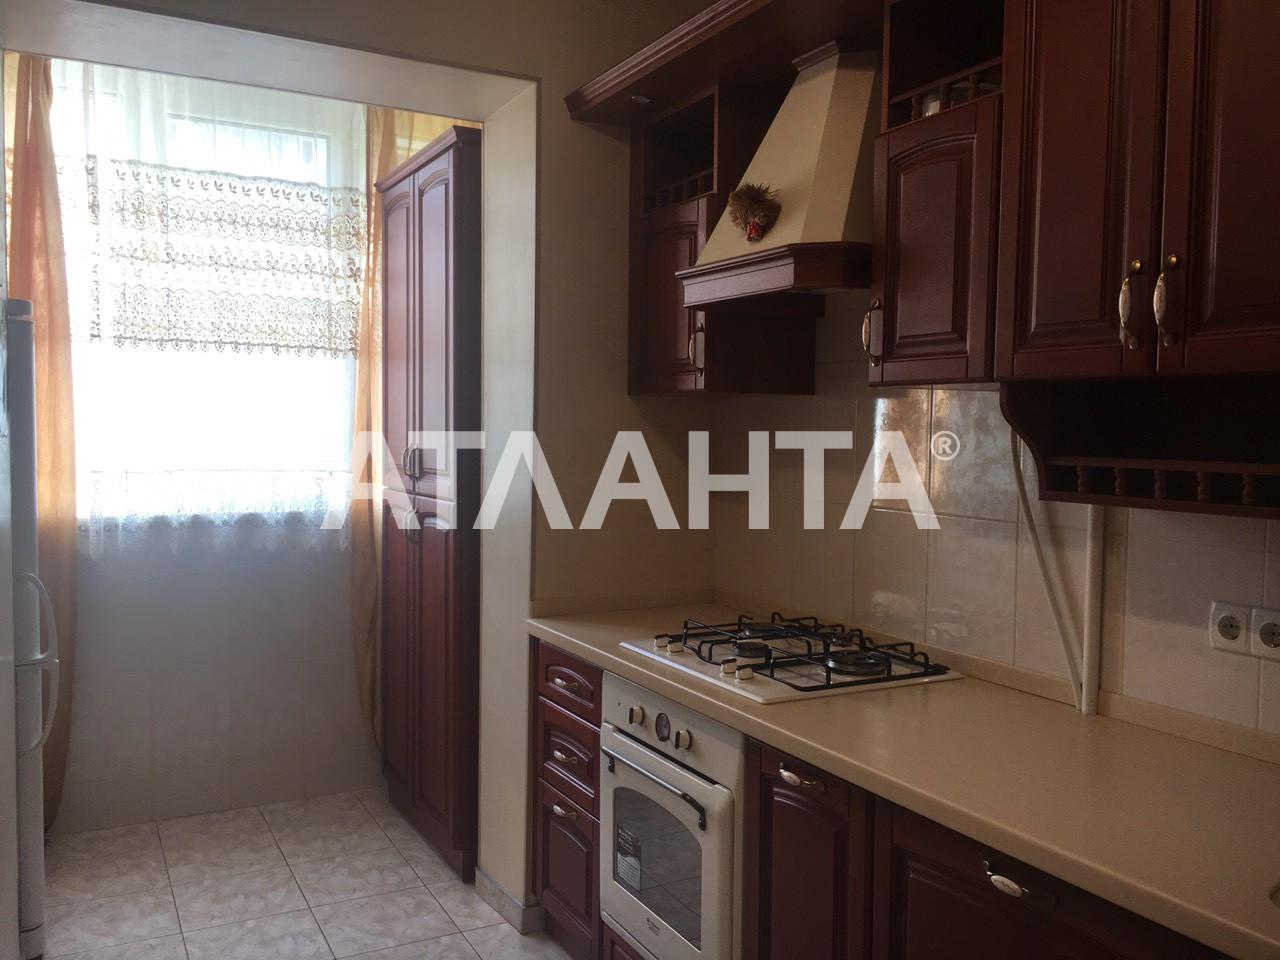 Продается 3-комнатная Квартира на ул. Высоцкого — 50 000 у.е. (фото №3)